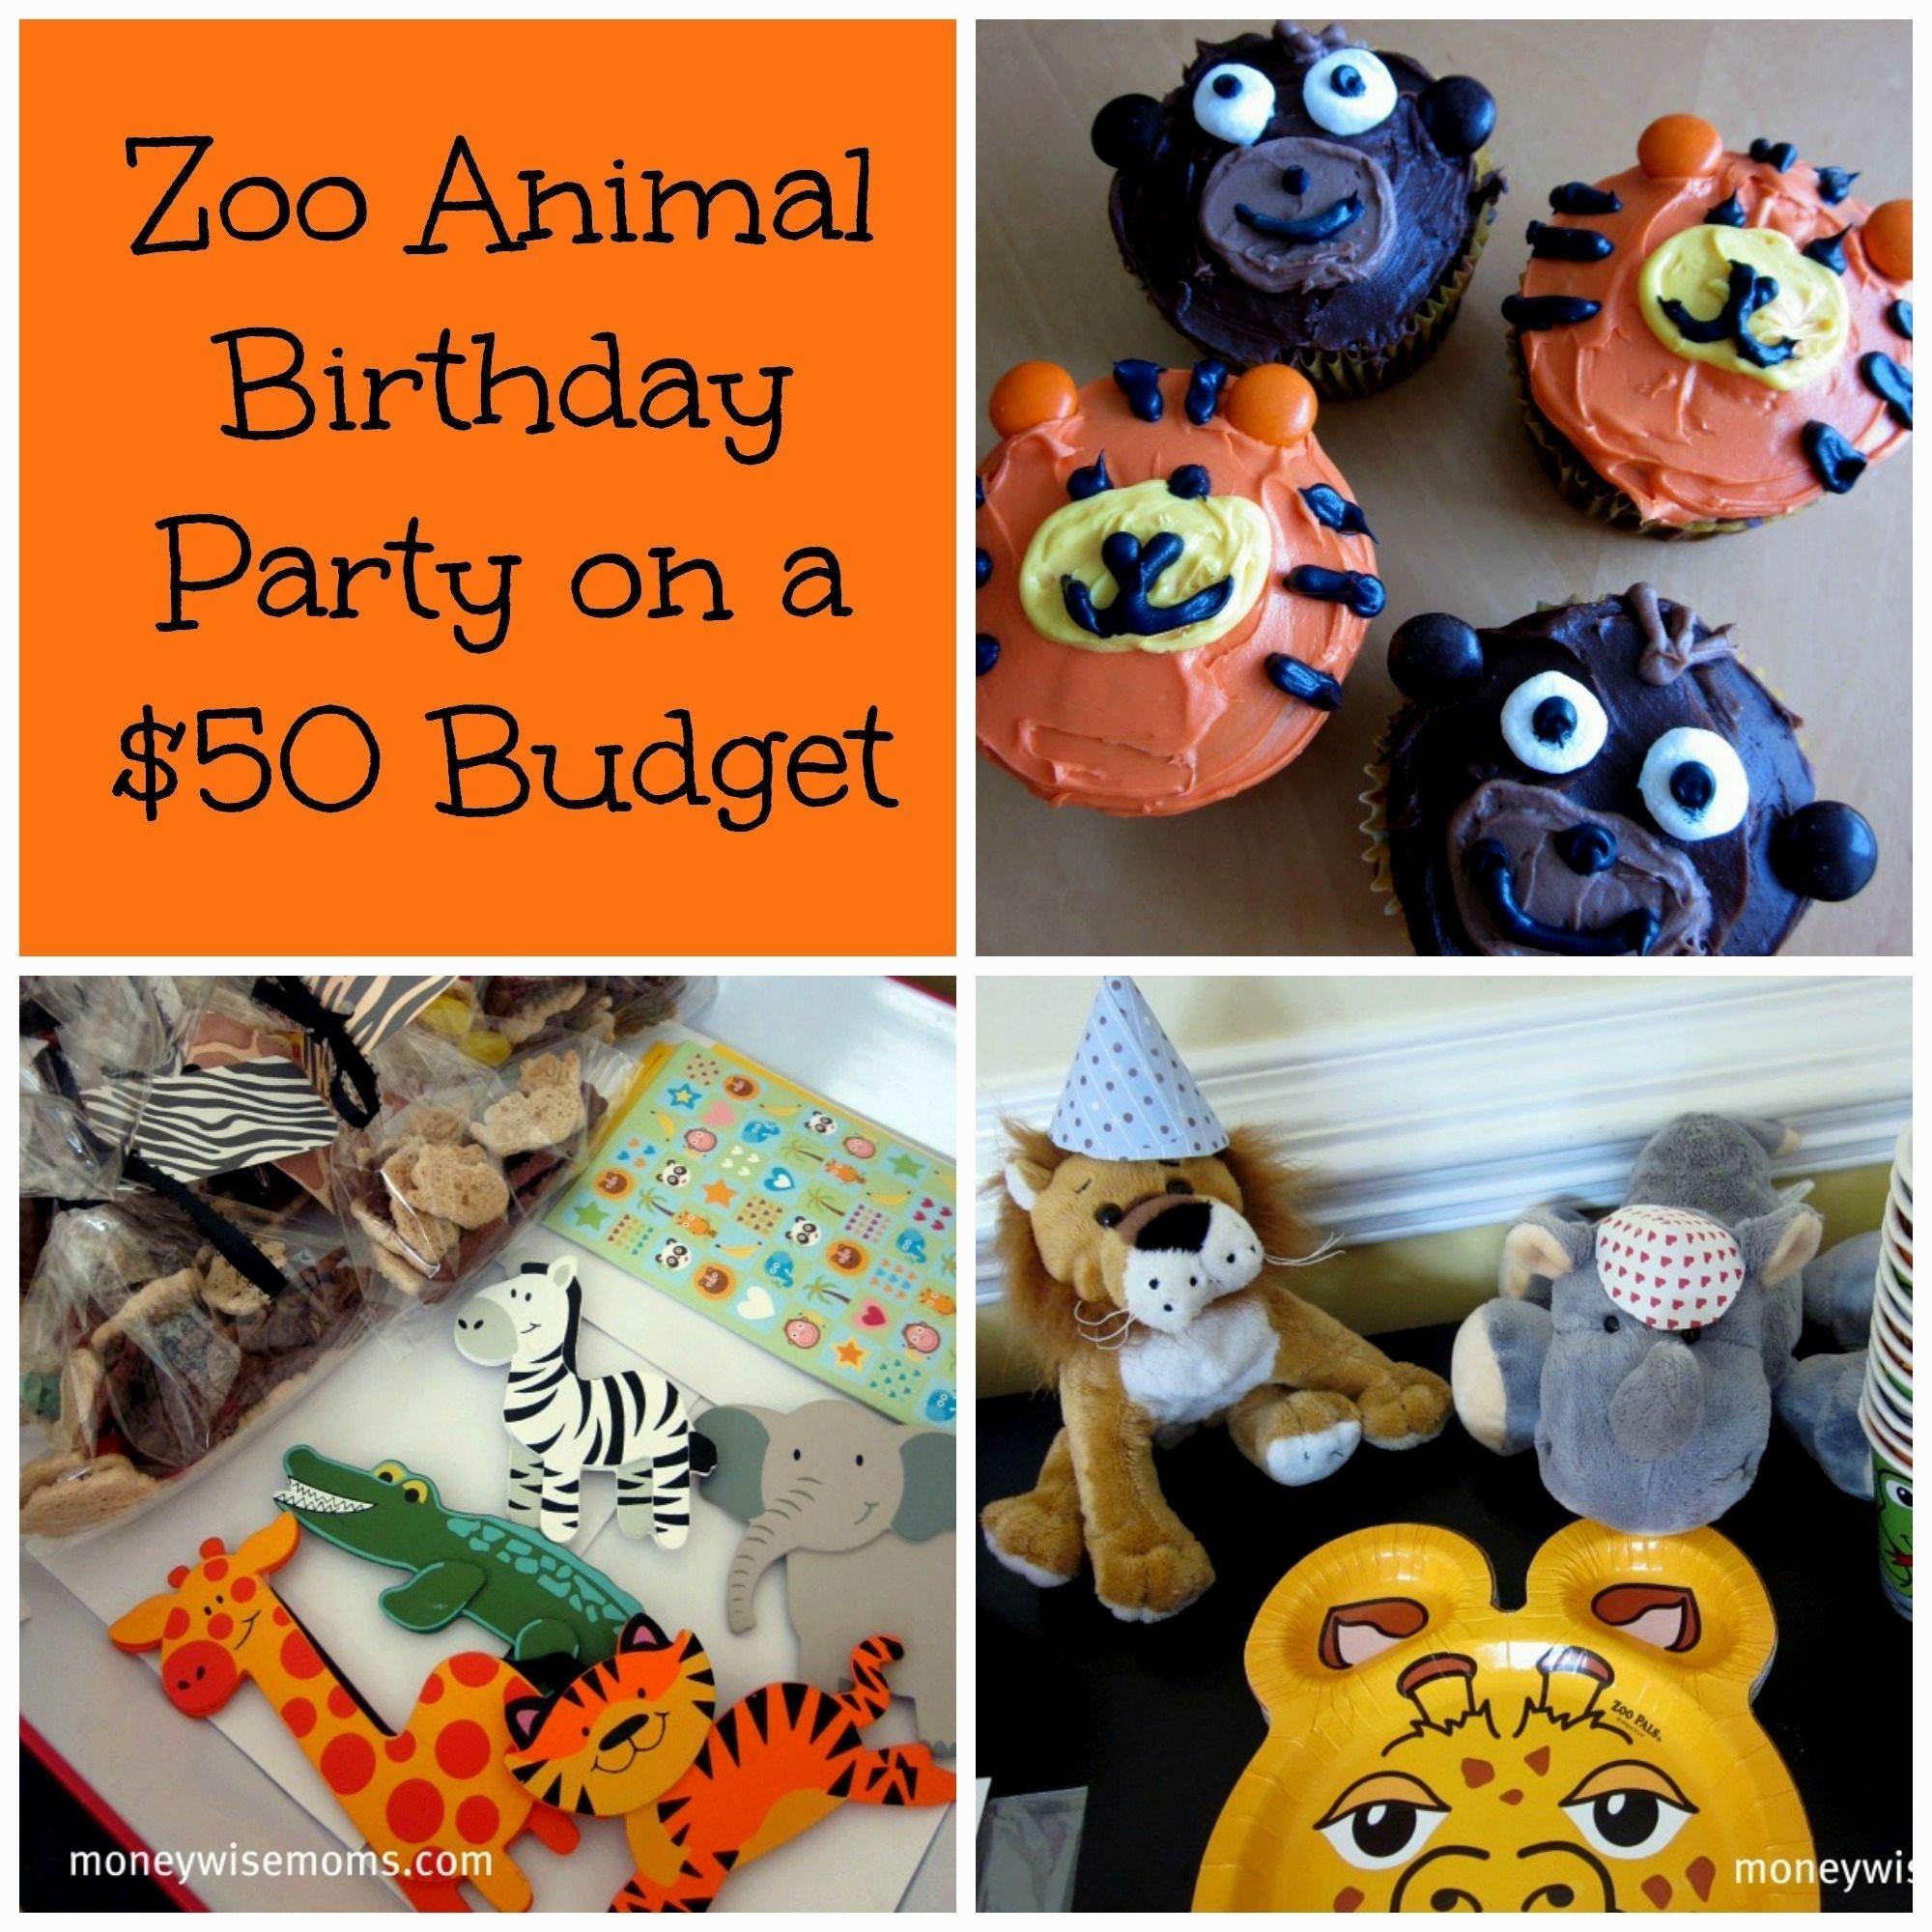 10 Spectacular Animal Themed Birthday Party Ideas animal zoo birthday party ideas decorating of party